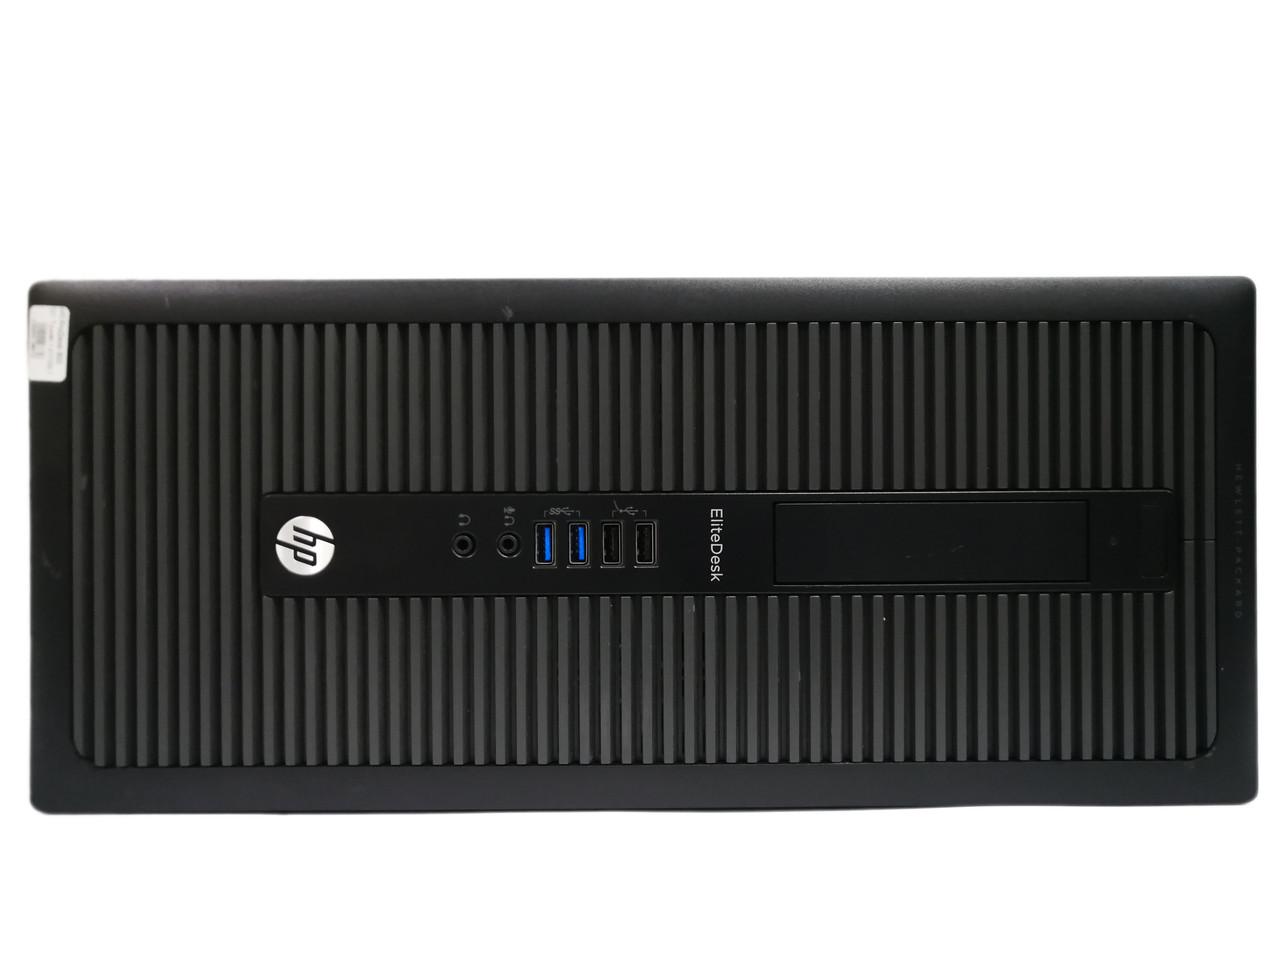 Компьютер HP EliteDesk 800 G1 Tower, Intel Celeron G3220, 8ГБ DDR3, SSD 120ГБ